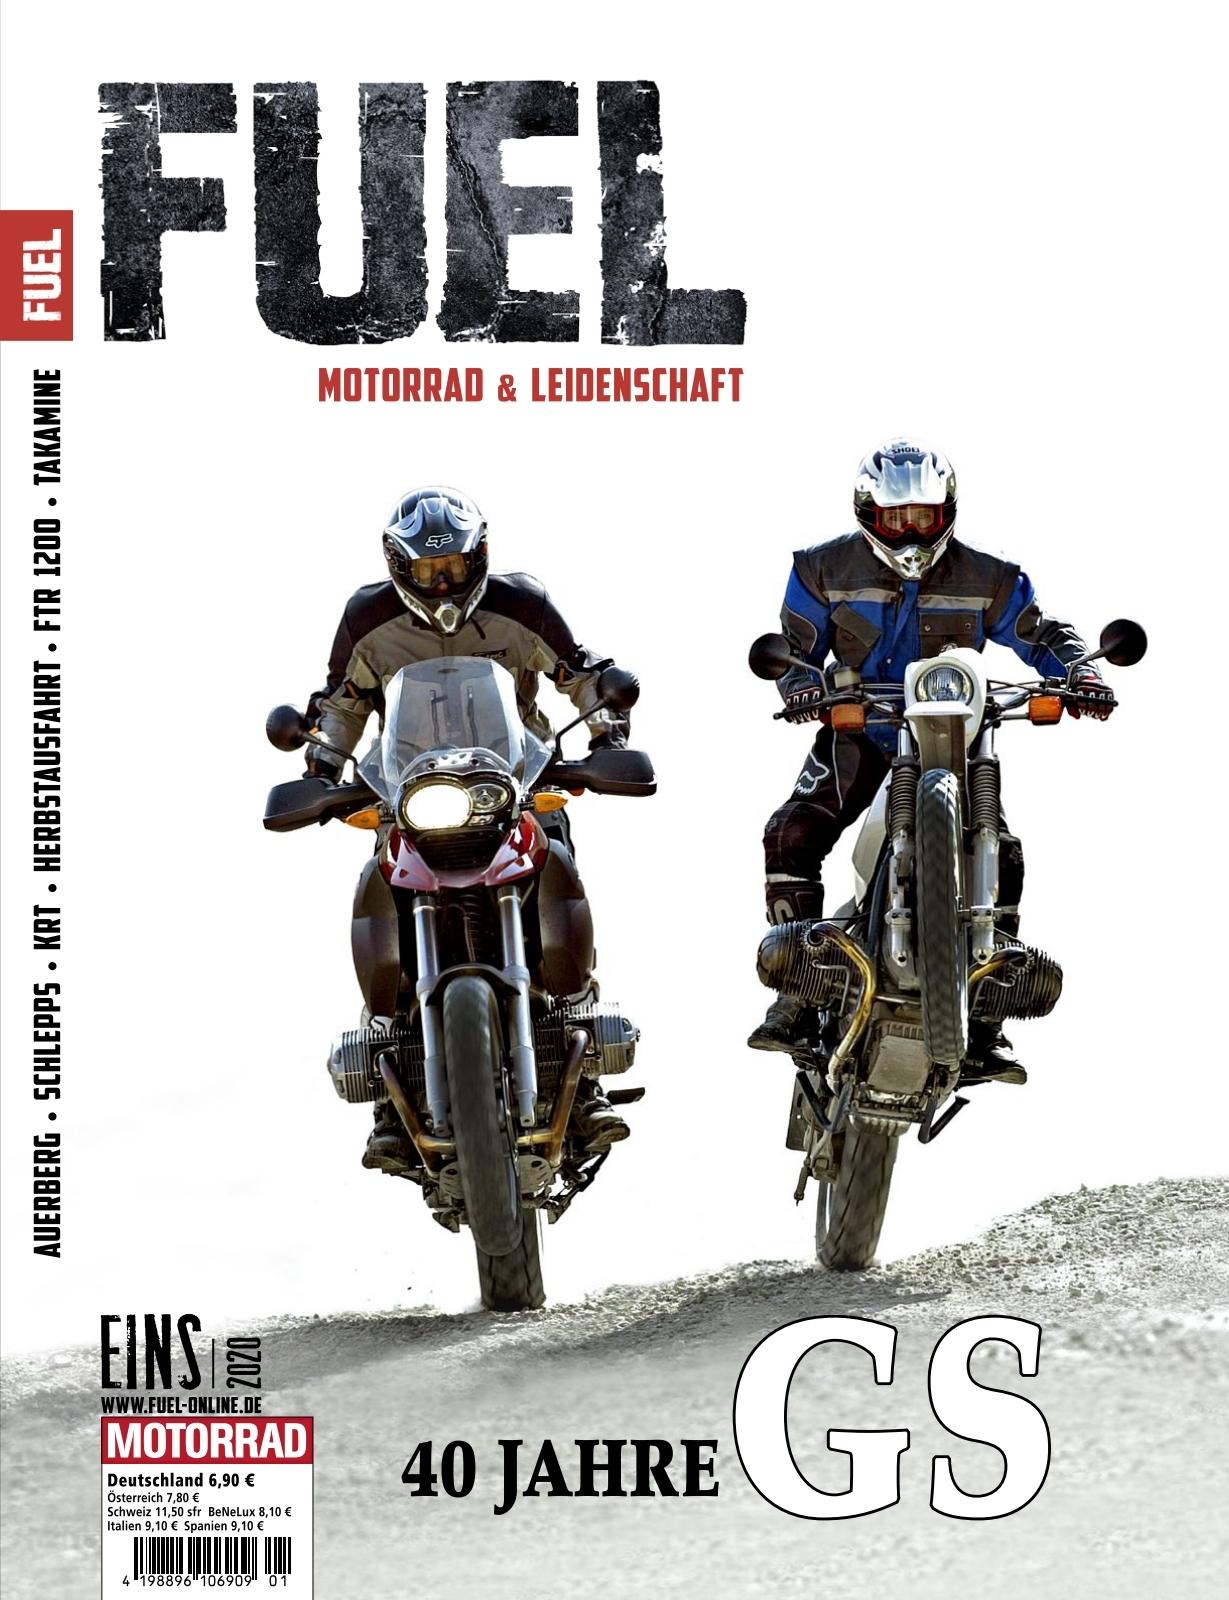 Benzin Statt Essen Patch Aufnäher Biker Rocker Kutte Chopper Bobber V2 Mofa Club